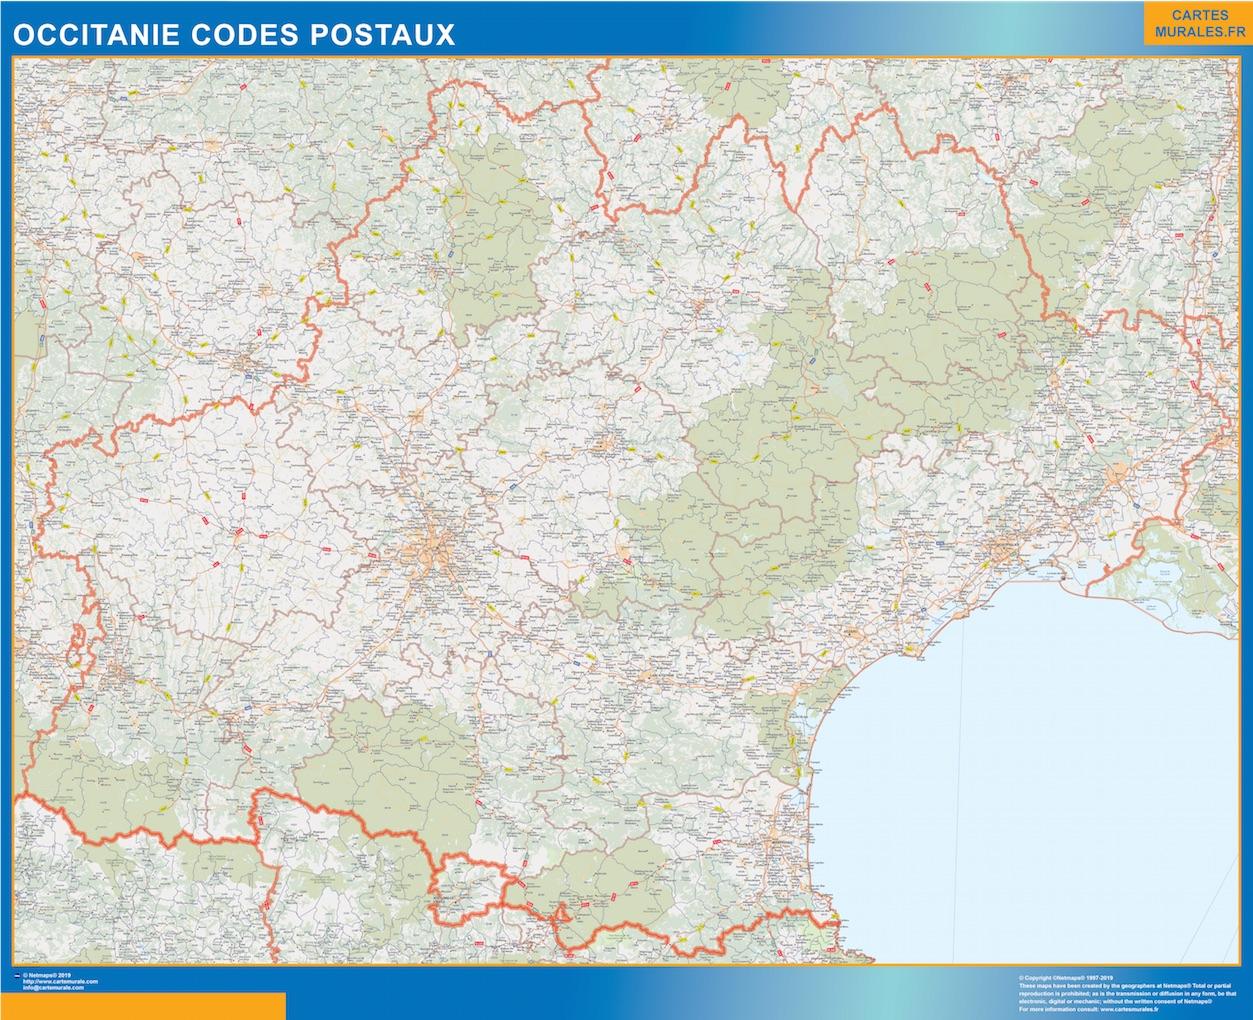 Carte OccitanIe codes postaux